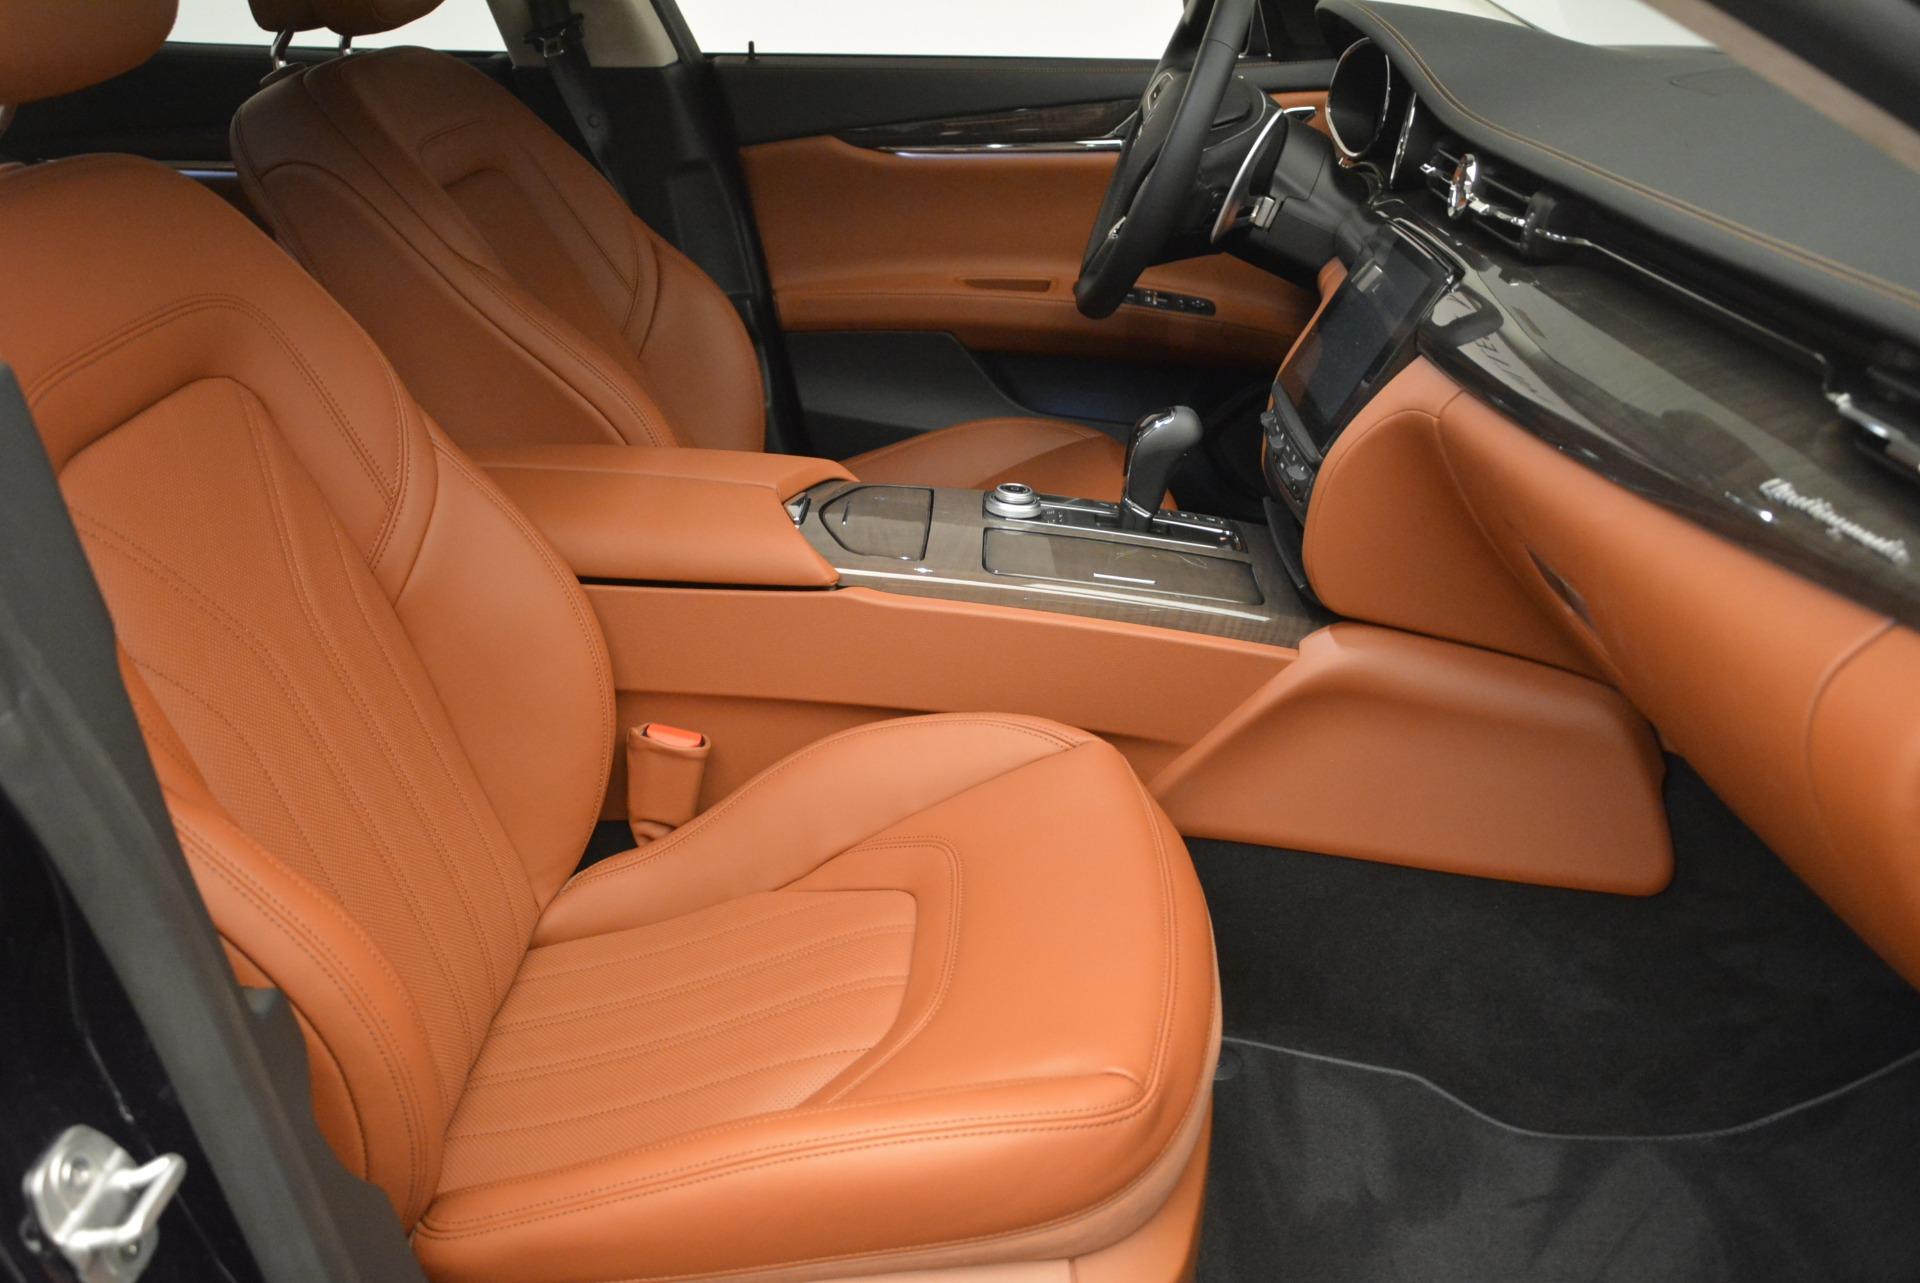 New 2018 Maserati Quattroporte S Q4 GranLusso For Sale In Westport, CT 1859_p21